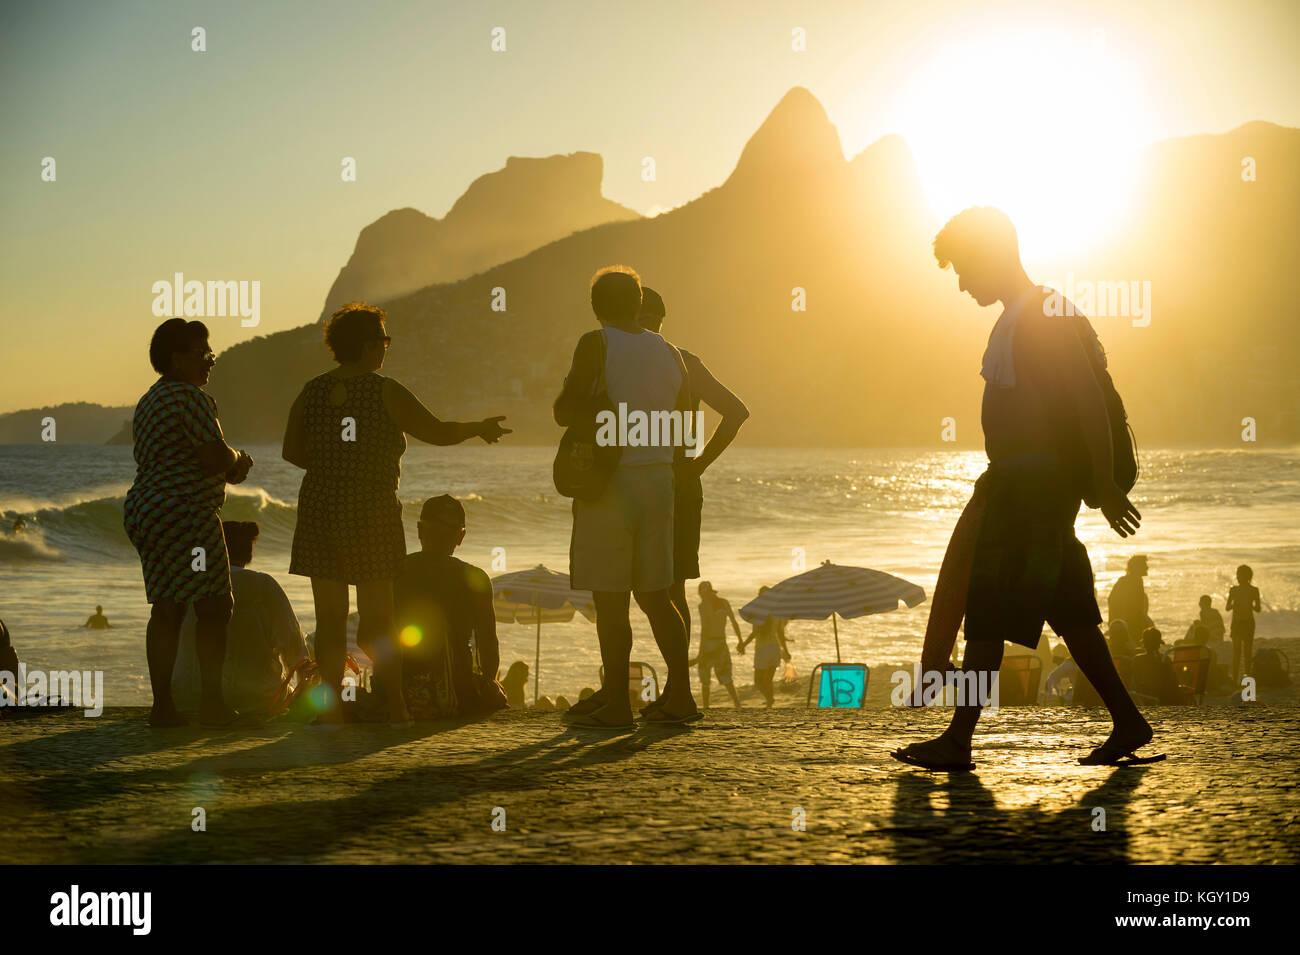 Rio de Janeiro - mars 20, 2017: les gens se sont réunis à regarder le coucher du soleil à arpoador, Photo Stock